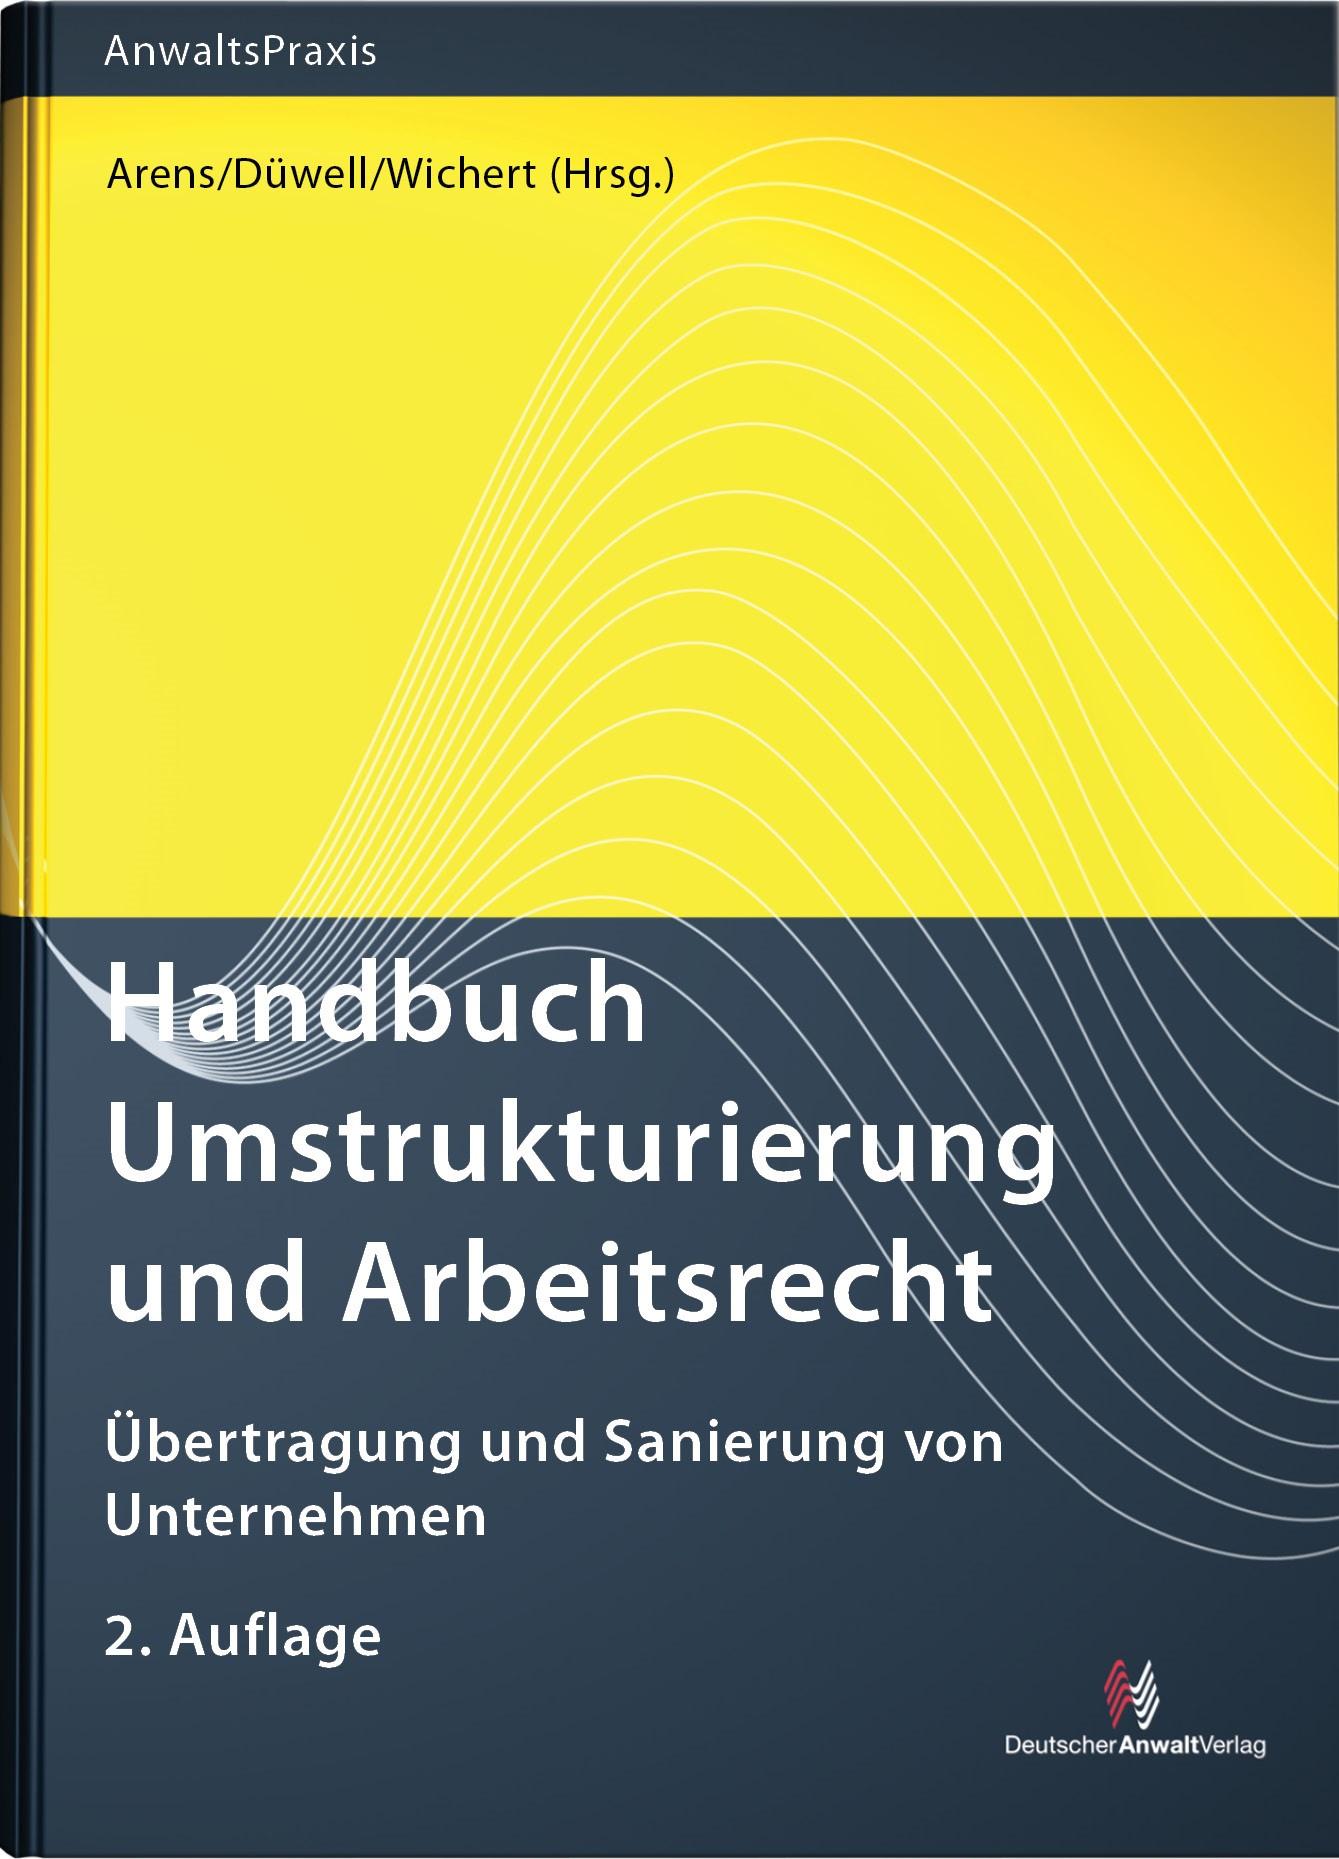 Handbuch Umstrukturierung und Arbeitsrecht | Arens / Düwell / Wichert (Hrsg.) | 2. Auflage, 2013 | Buch (Cover)